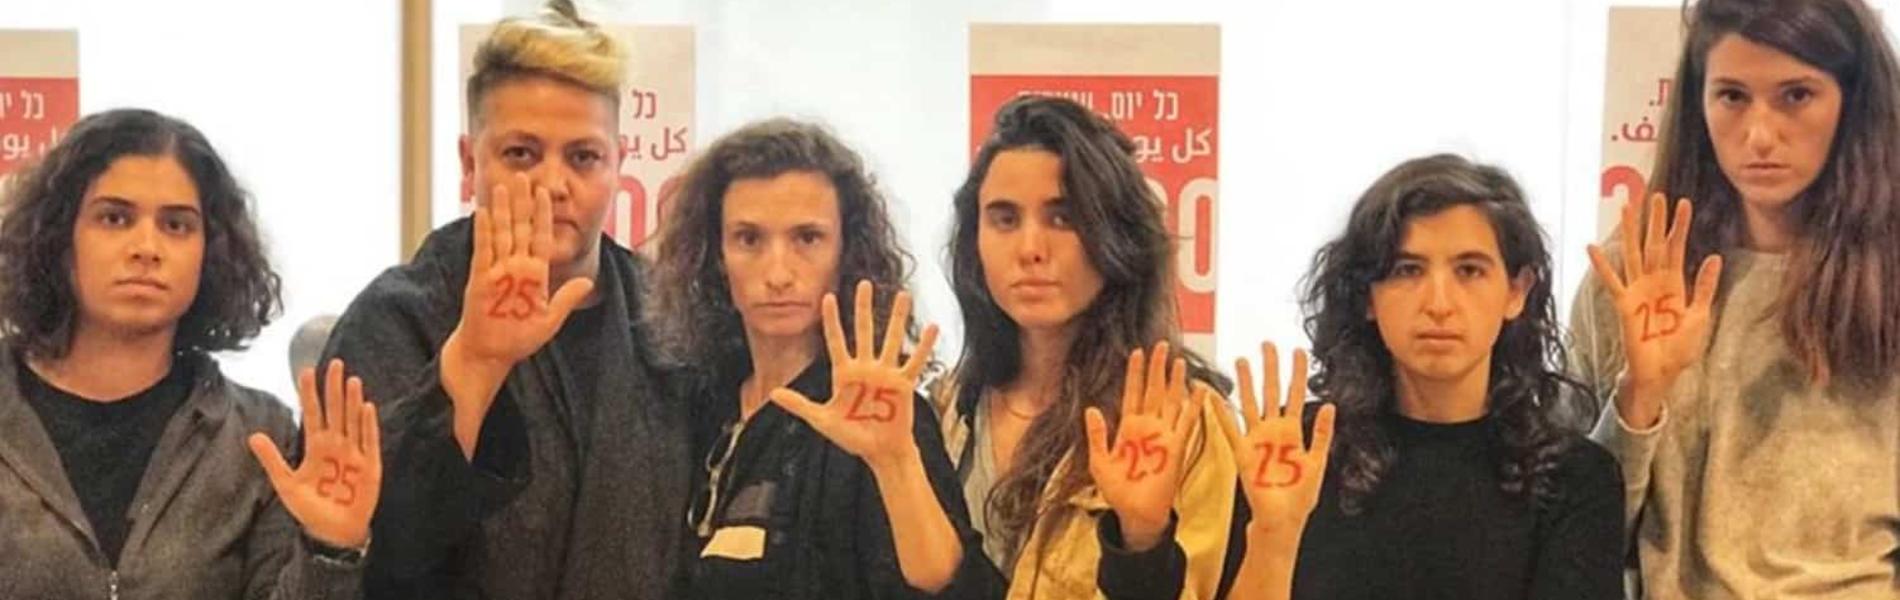 אני אישה אני בוחרת: מחאת הנשים ממשיכה מהרחובות – לקלפיות